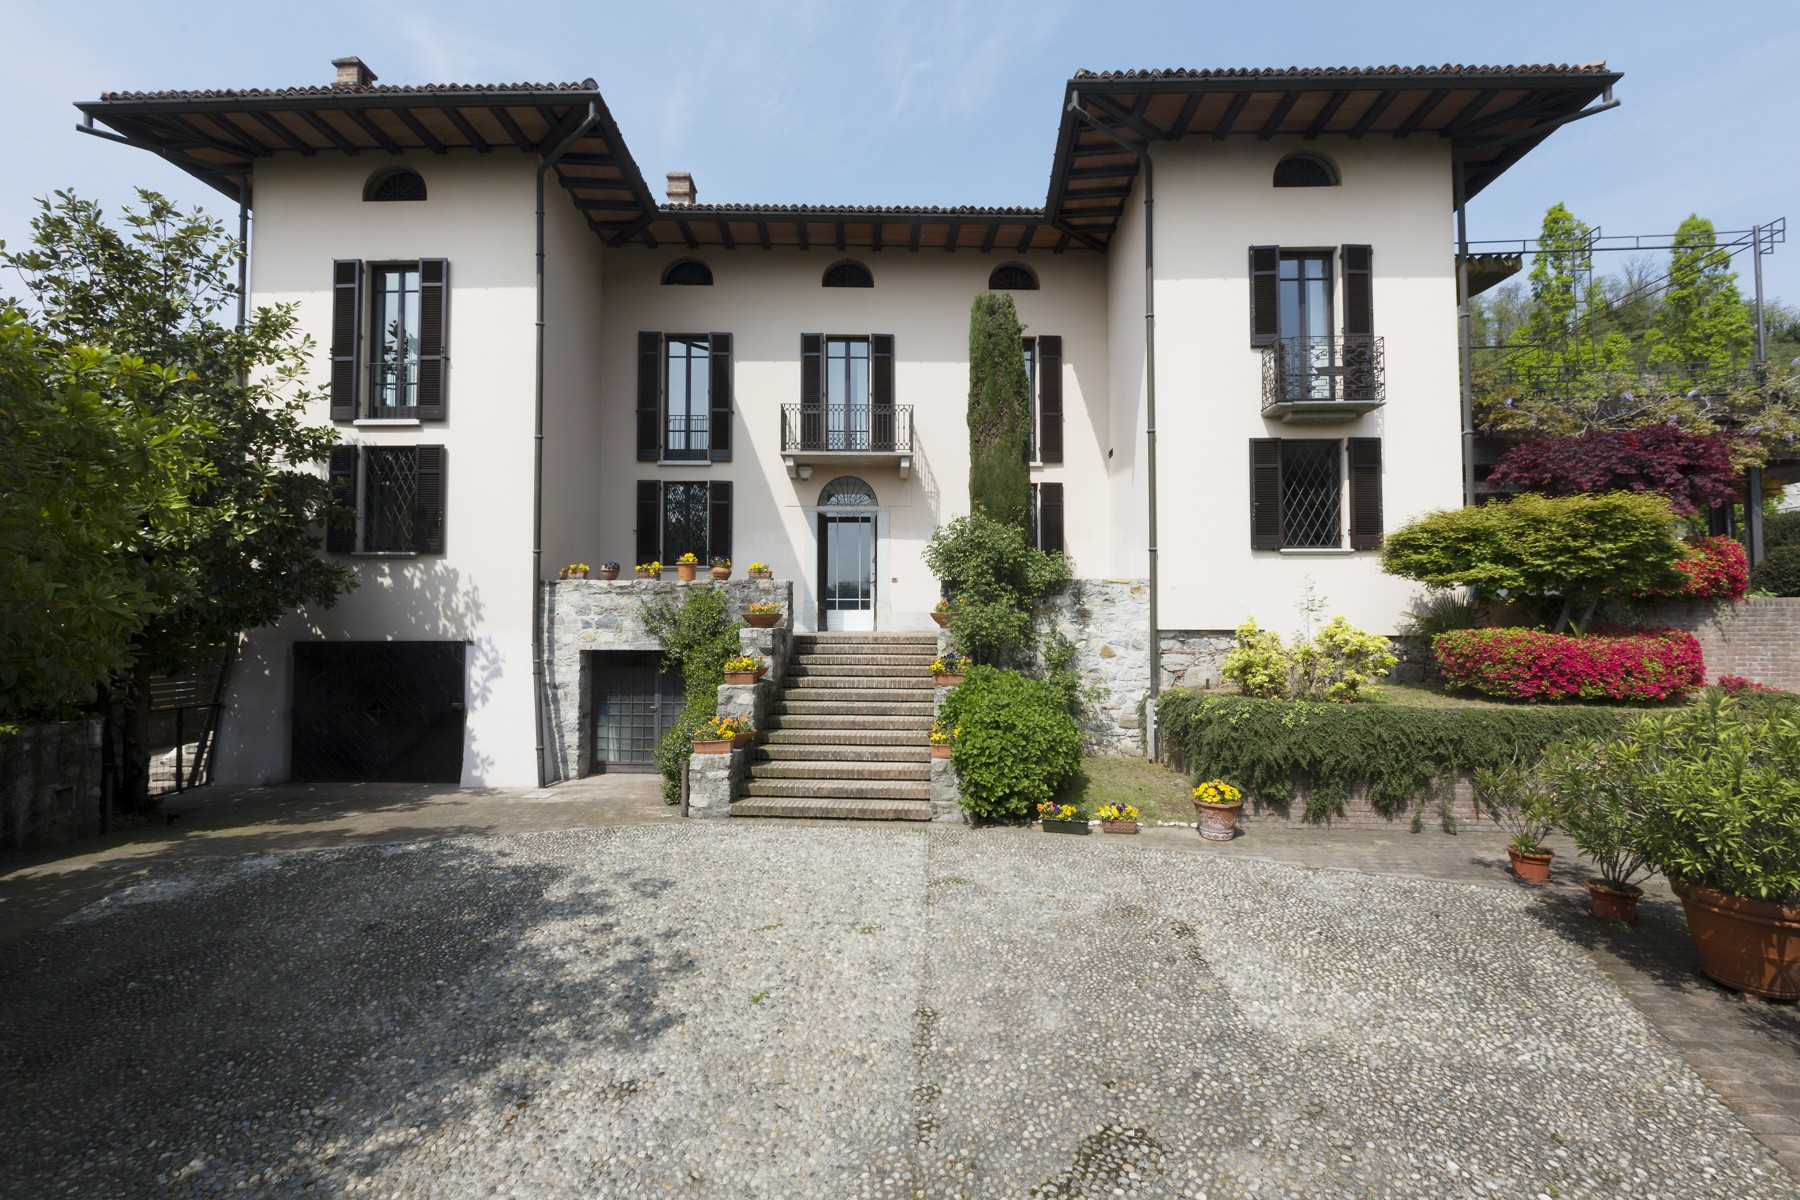 Villa in Vendita a Arona: 5 locali, 857 mq